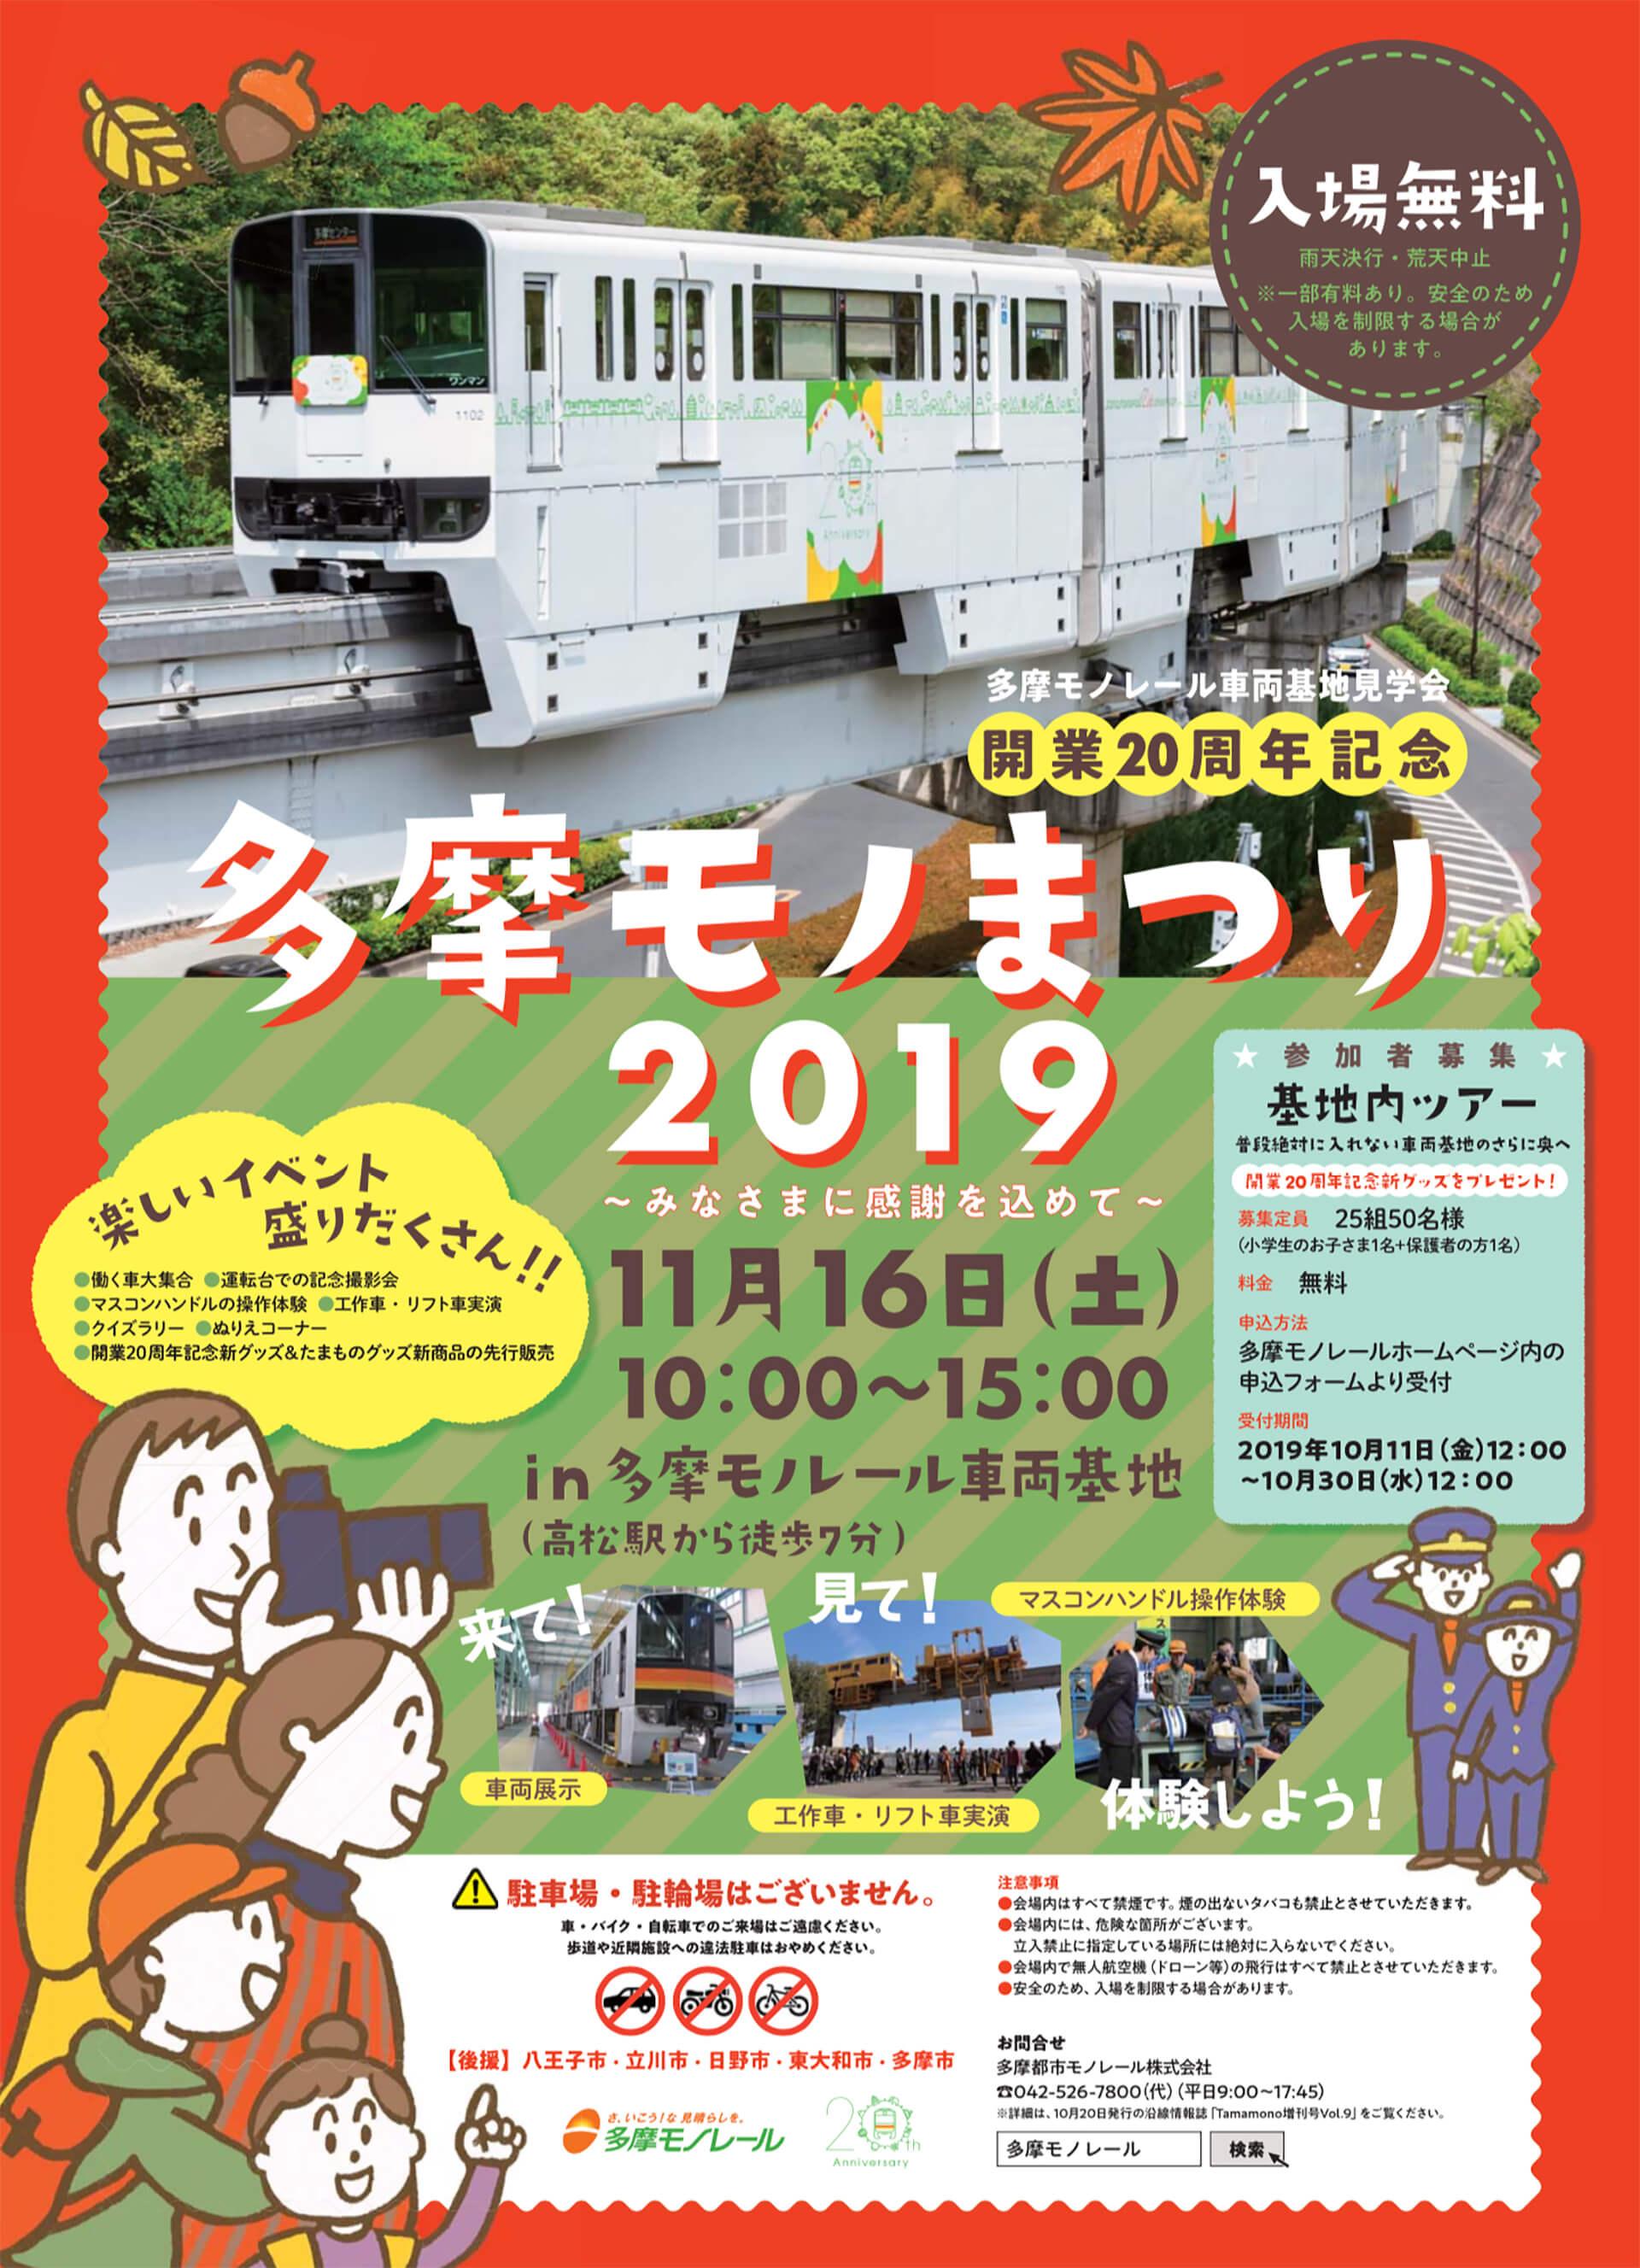 多摩モノまつり 2019ポスター